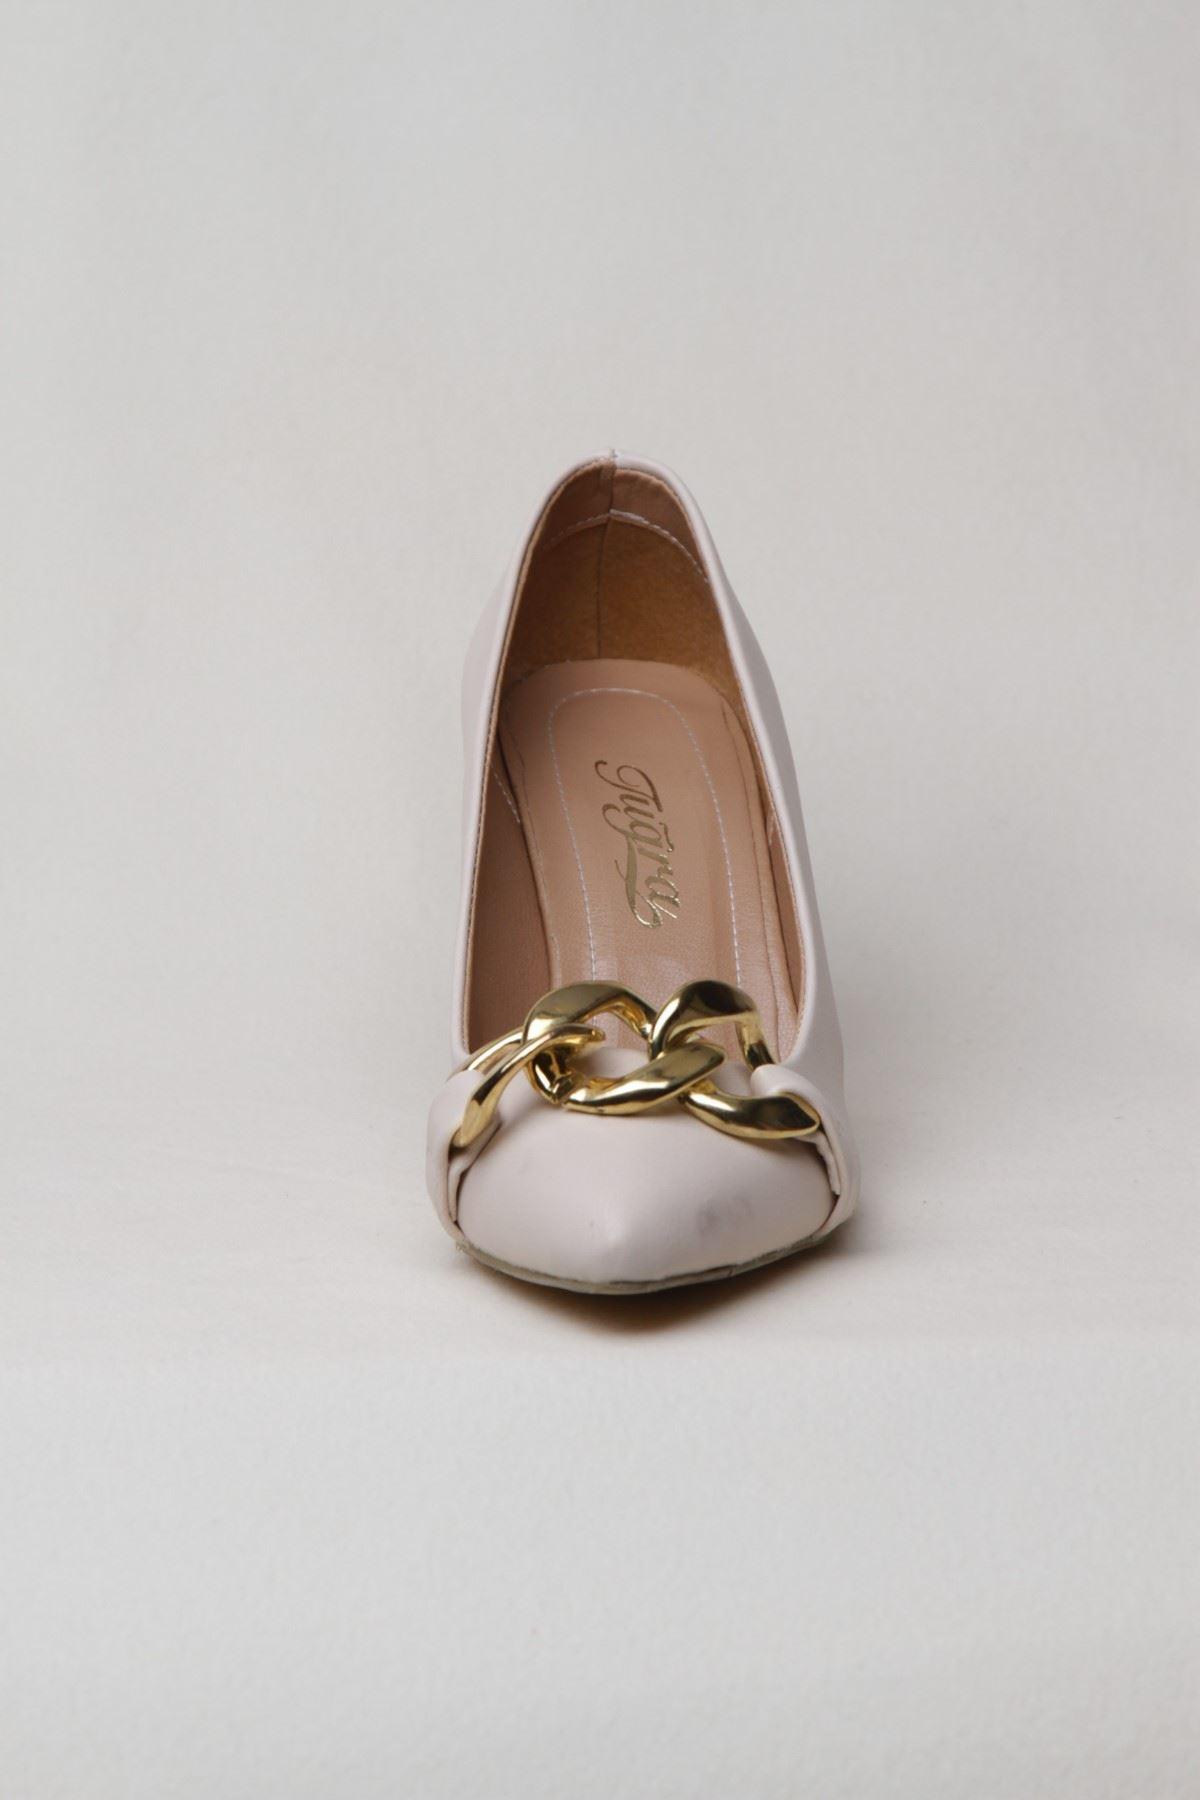 Kadın Zincir Detaylı Topuklu Abiye Ayakkabı - Bej